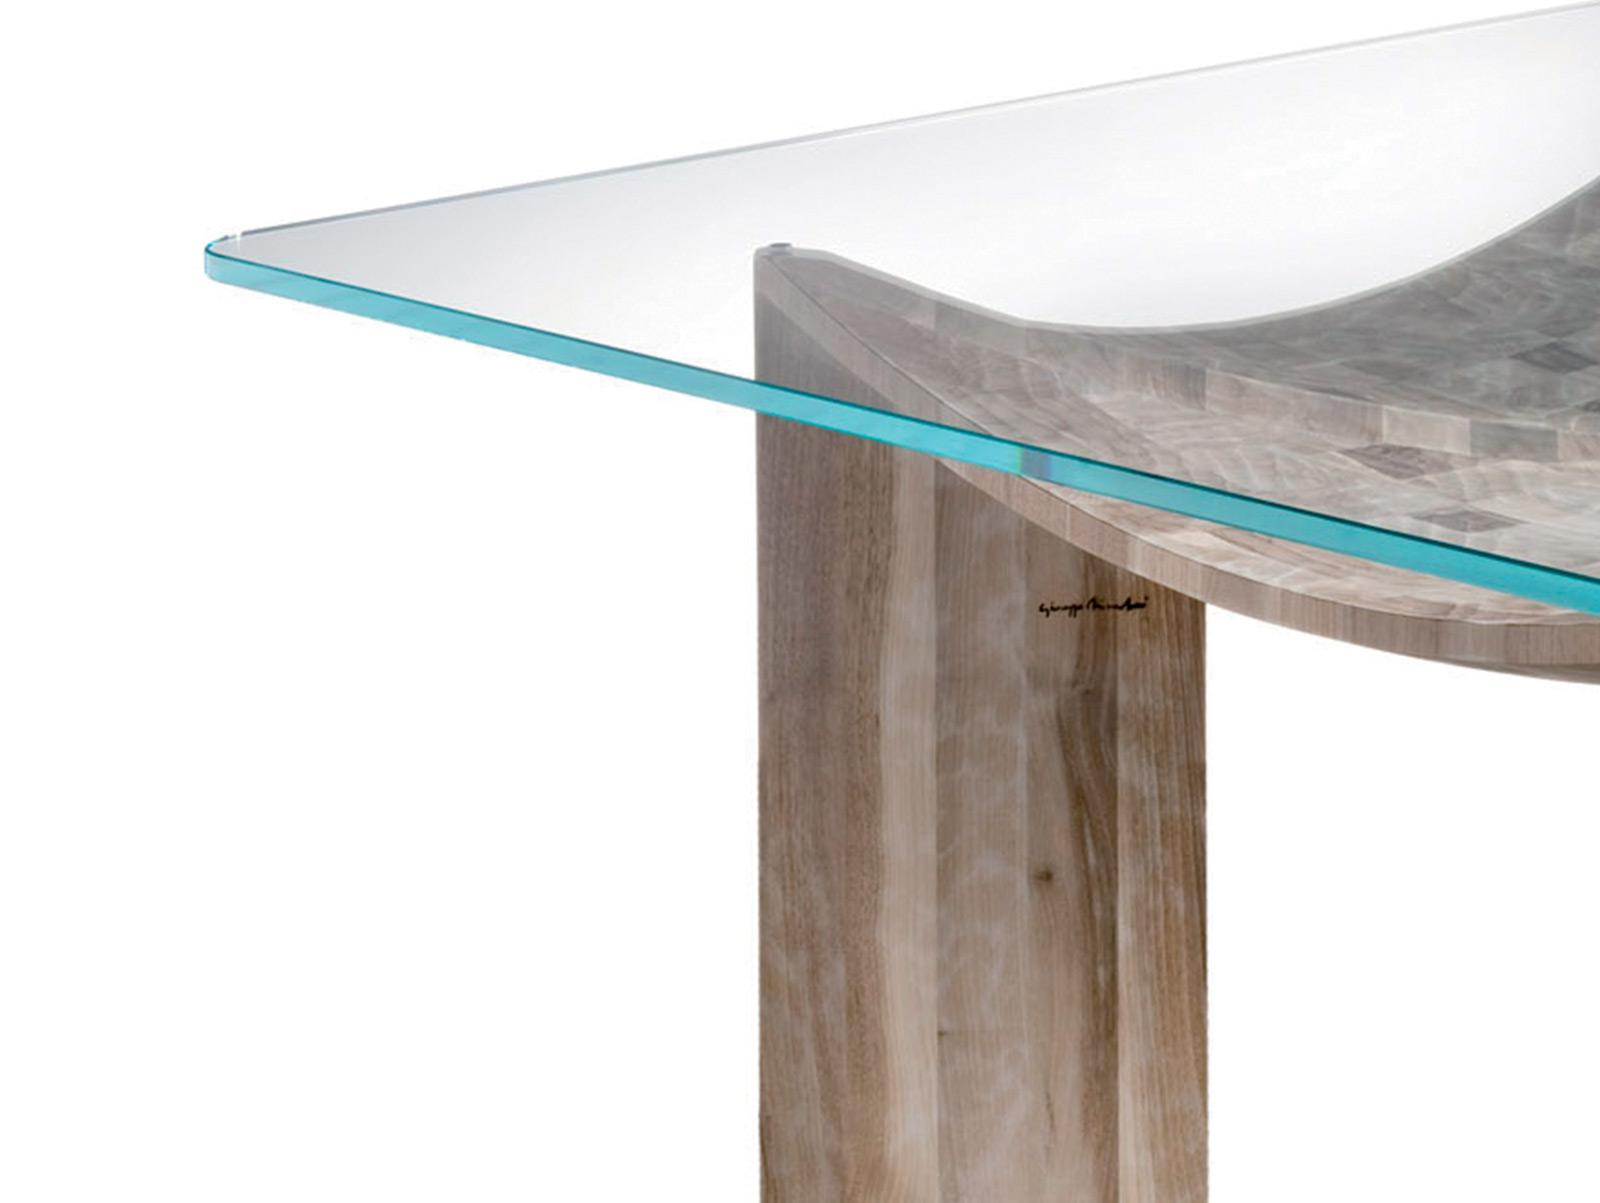 Tavoli e scrivanie in noce nazionale tavolo vela for Tavolo legno noce nazionale